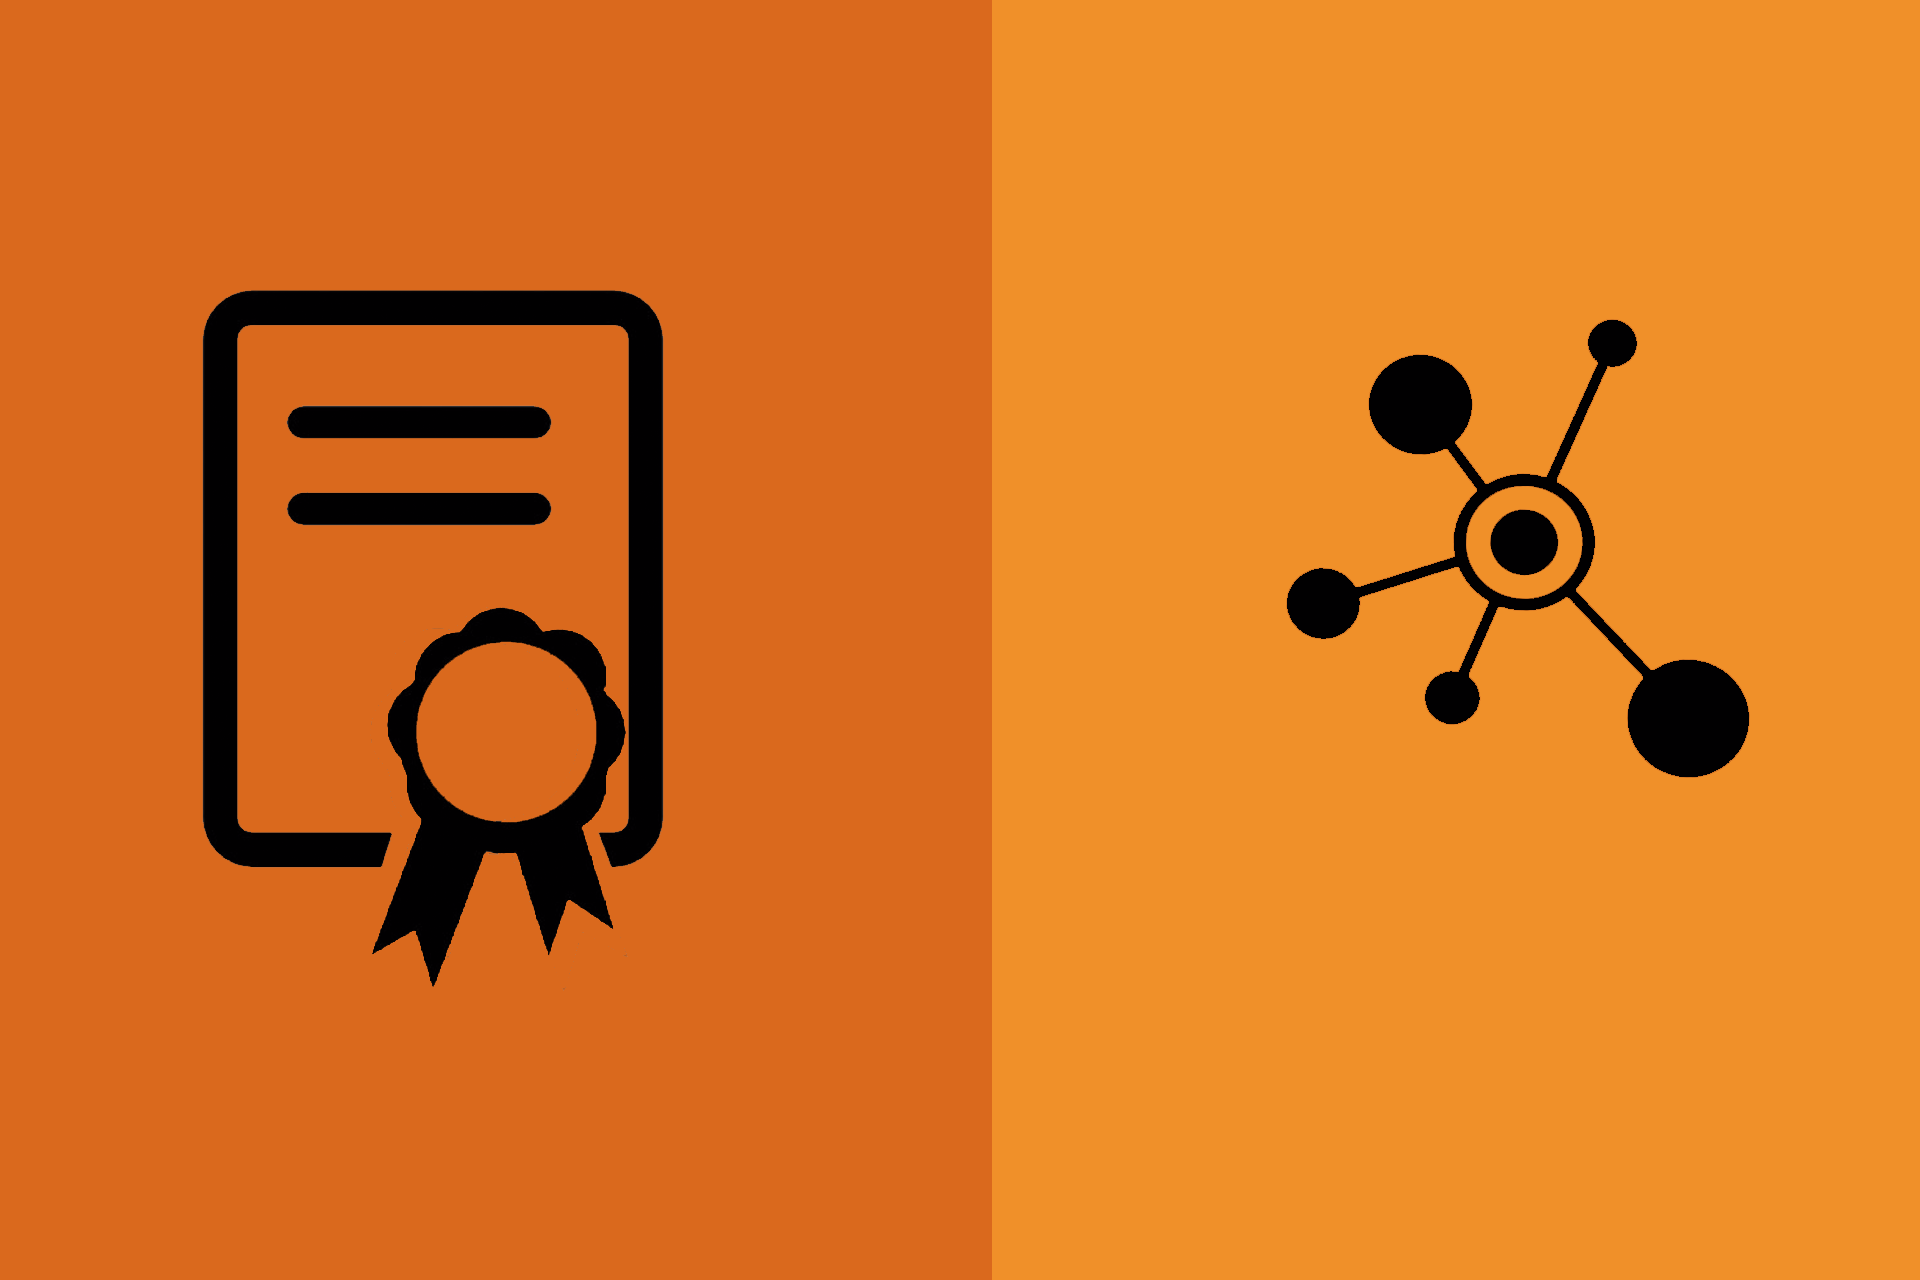 t2informatik Blog: Zertifikate oder Netzwerke - was ist wichtiger in Projekten?